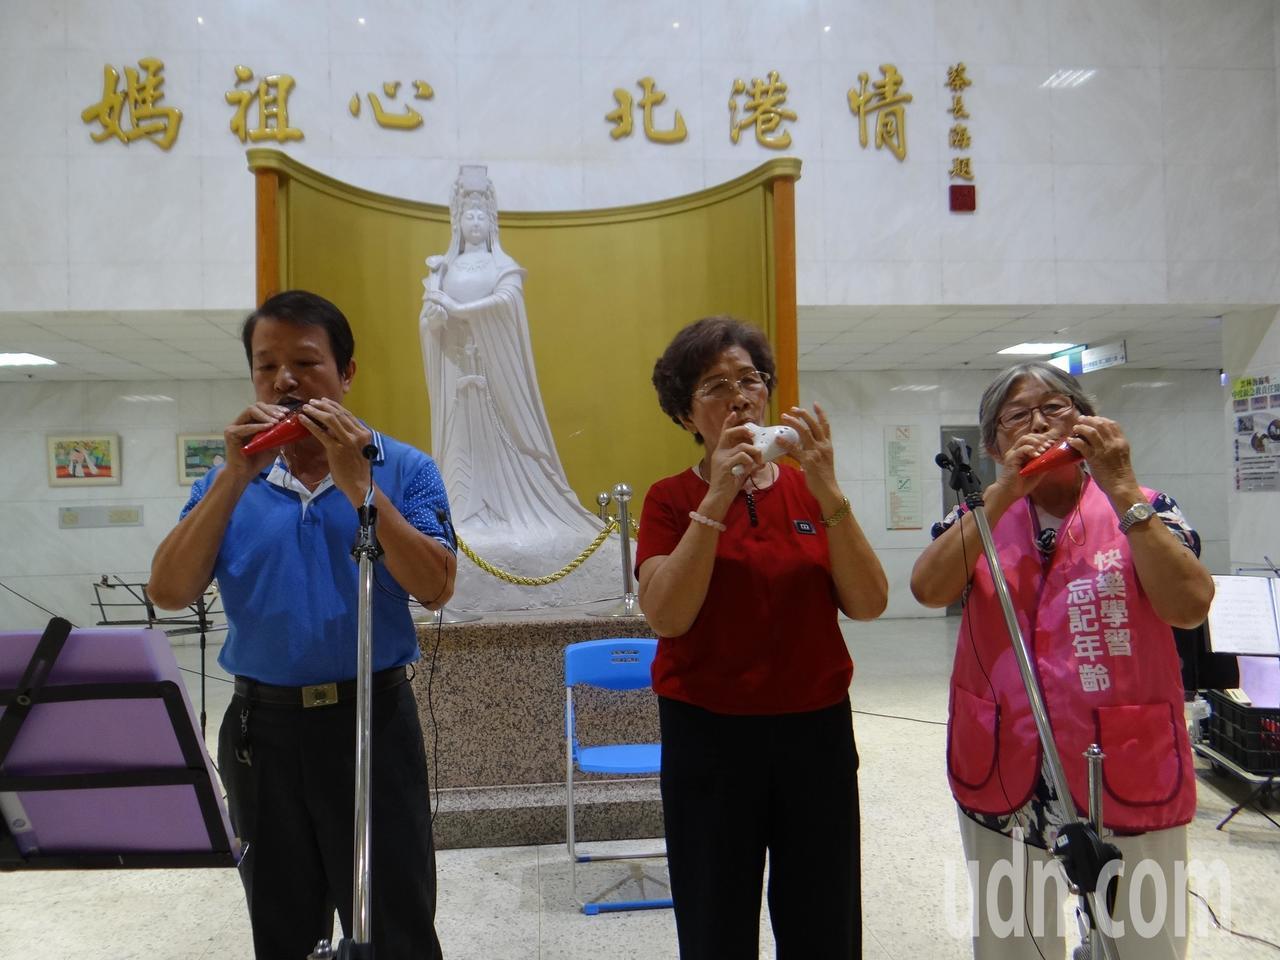 北港樂陶笛班到媽祖醫院公演,帶給病患與長照老人心靈療癒。記者蔡維斌/攝影